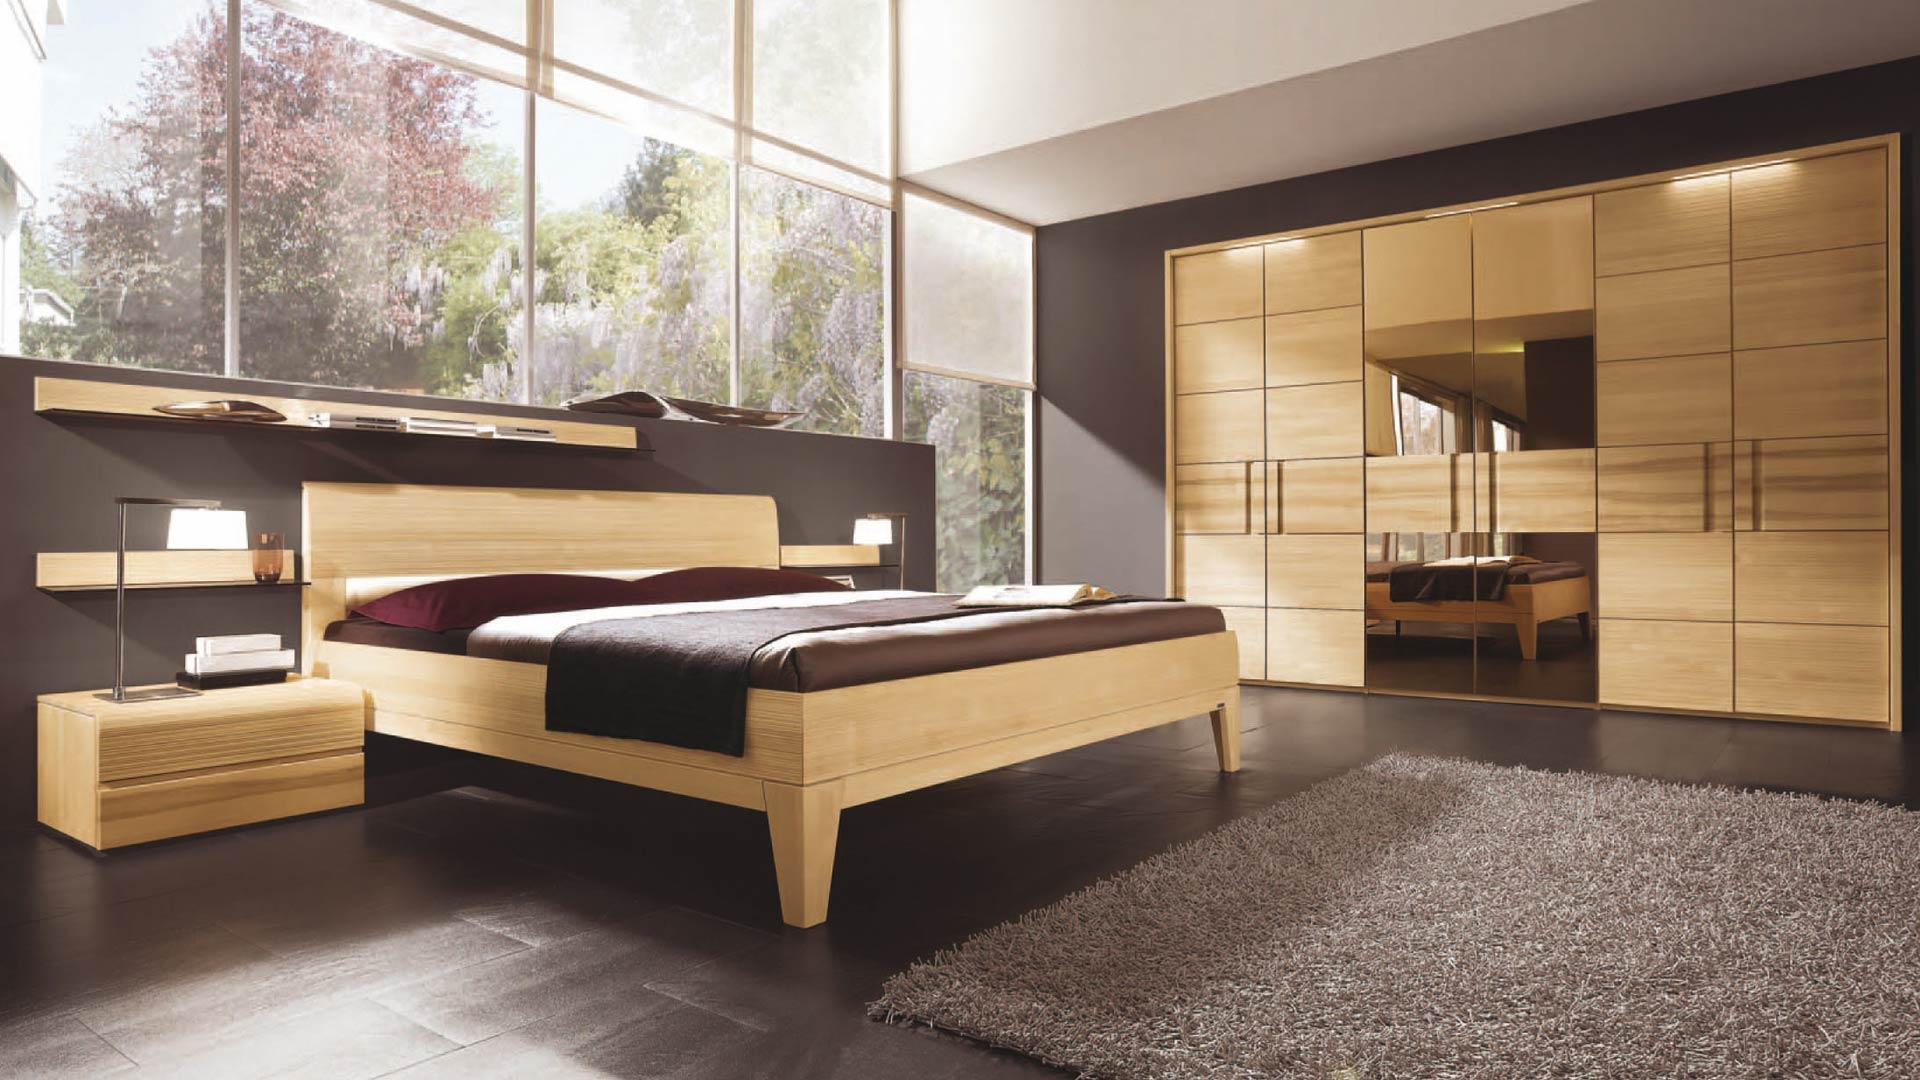 frisch m bel wohnzimmer schlafzimmer b ro ziel zzt4 esszimmer deckenleuchten esszimmer. Black Bedroom Furniture Sets. Home Design Ideas